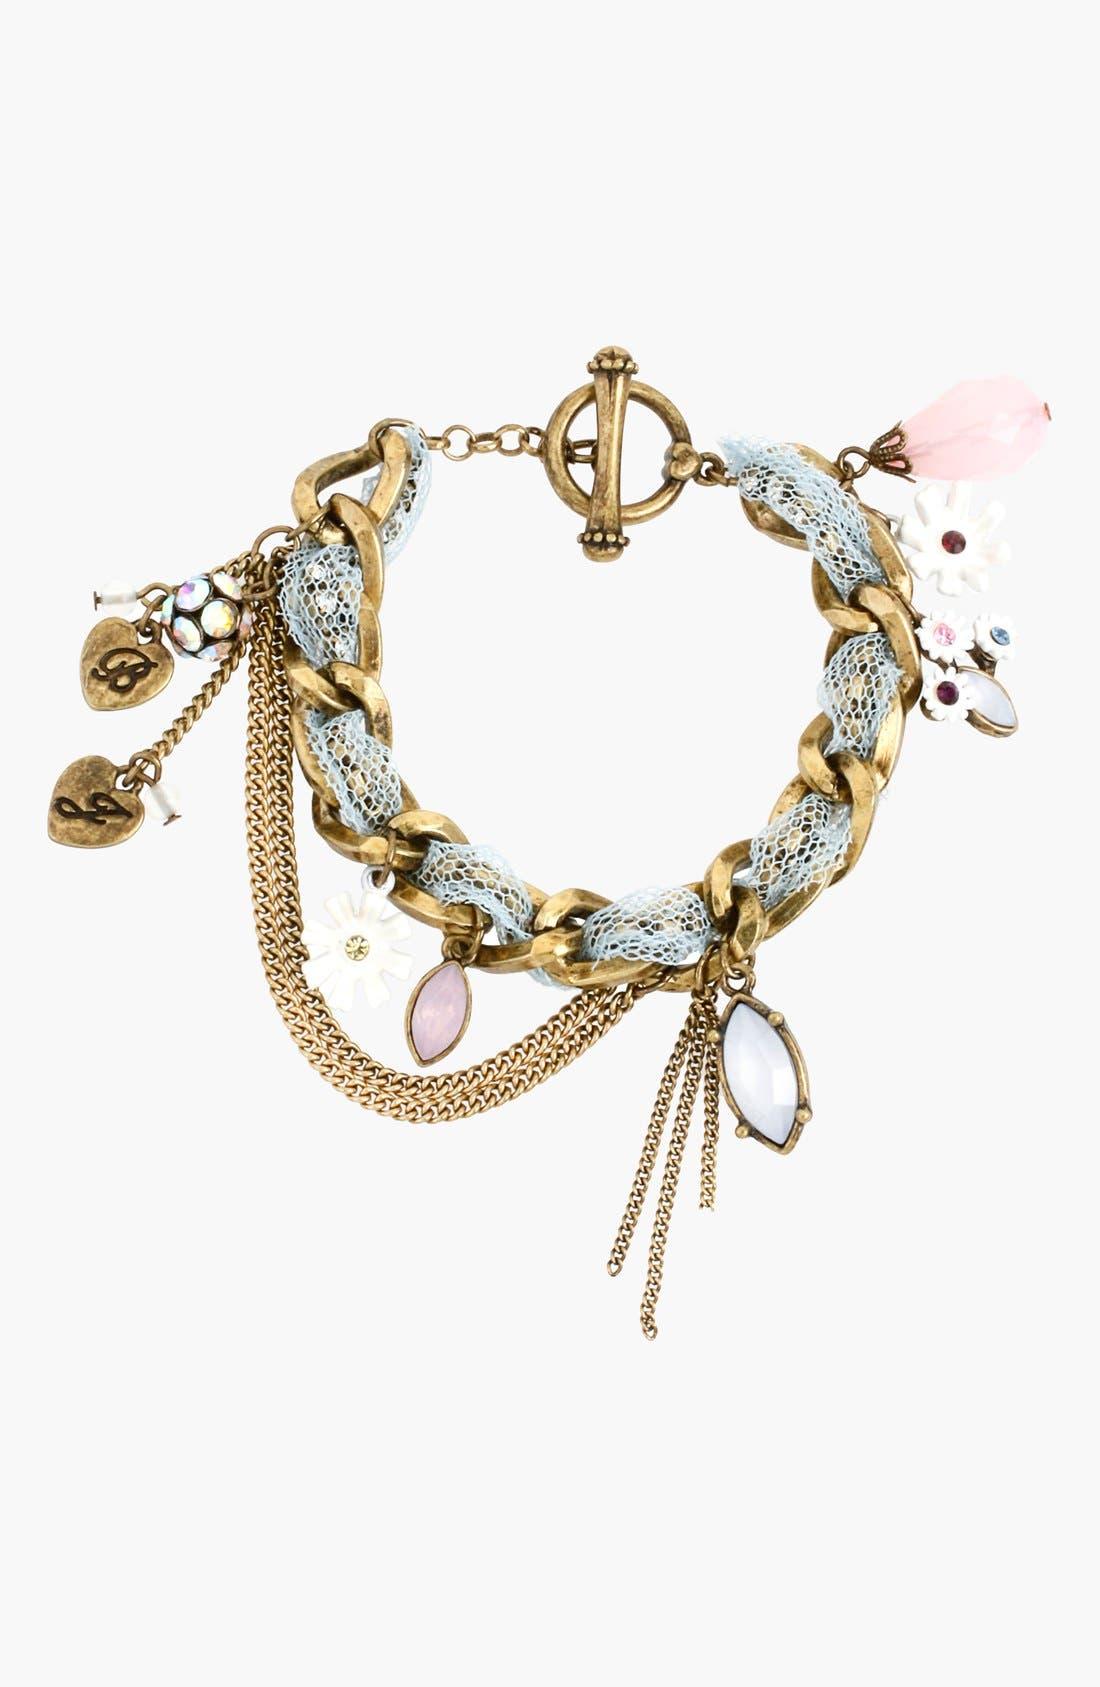 Main Image - Betsey Johnson 'Girlie Grunge' Charm Bracelet